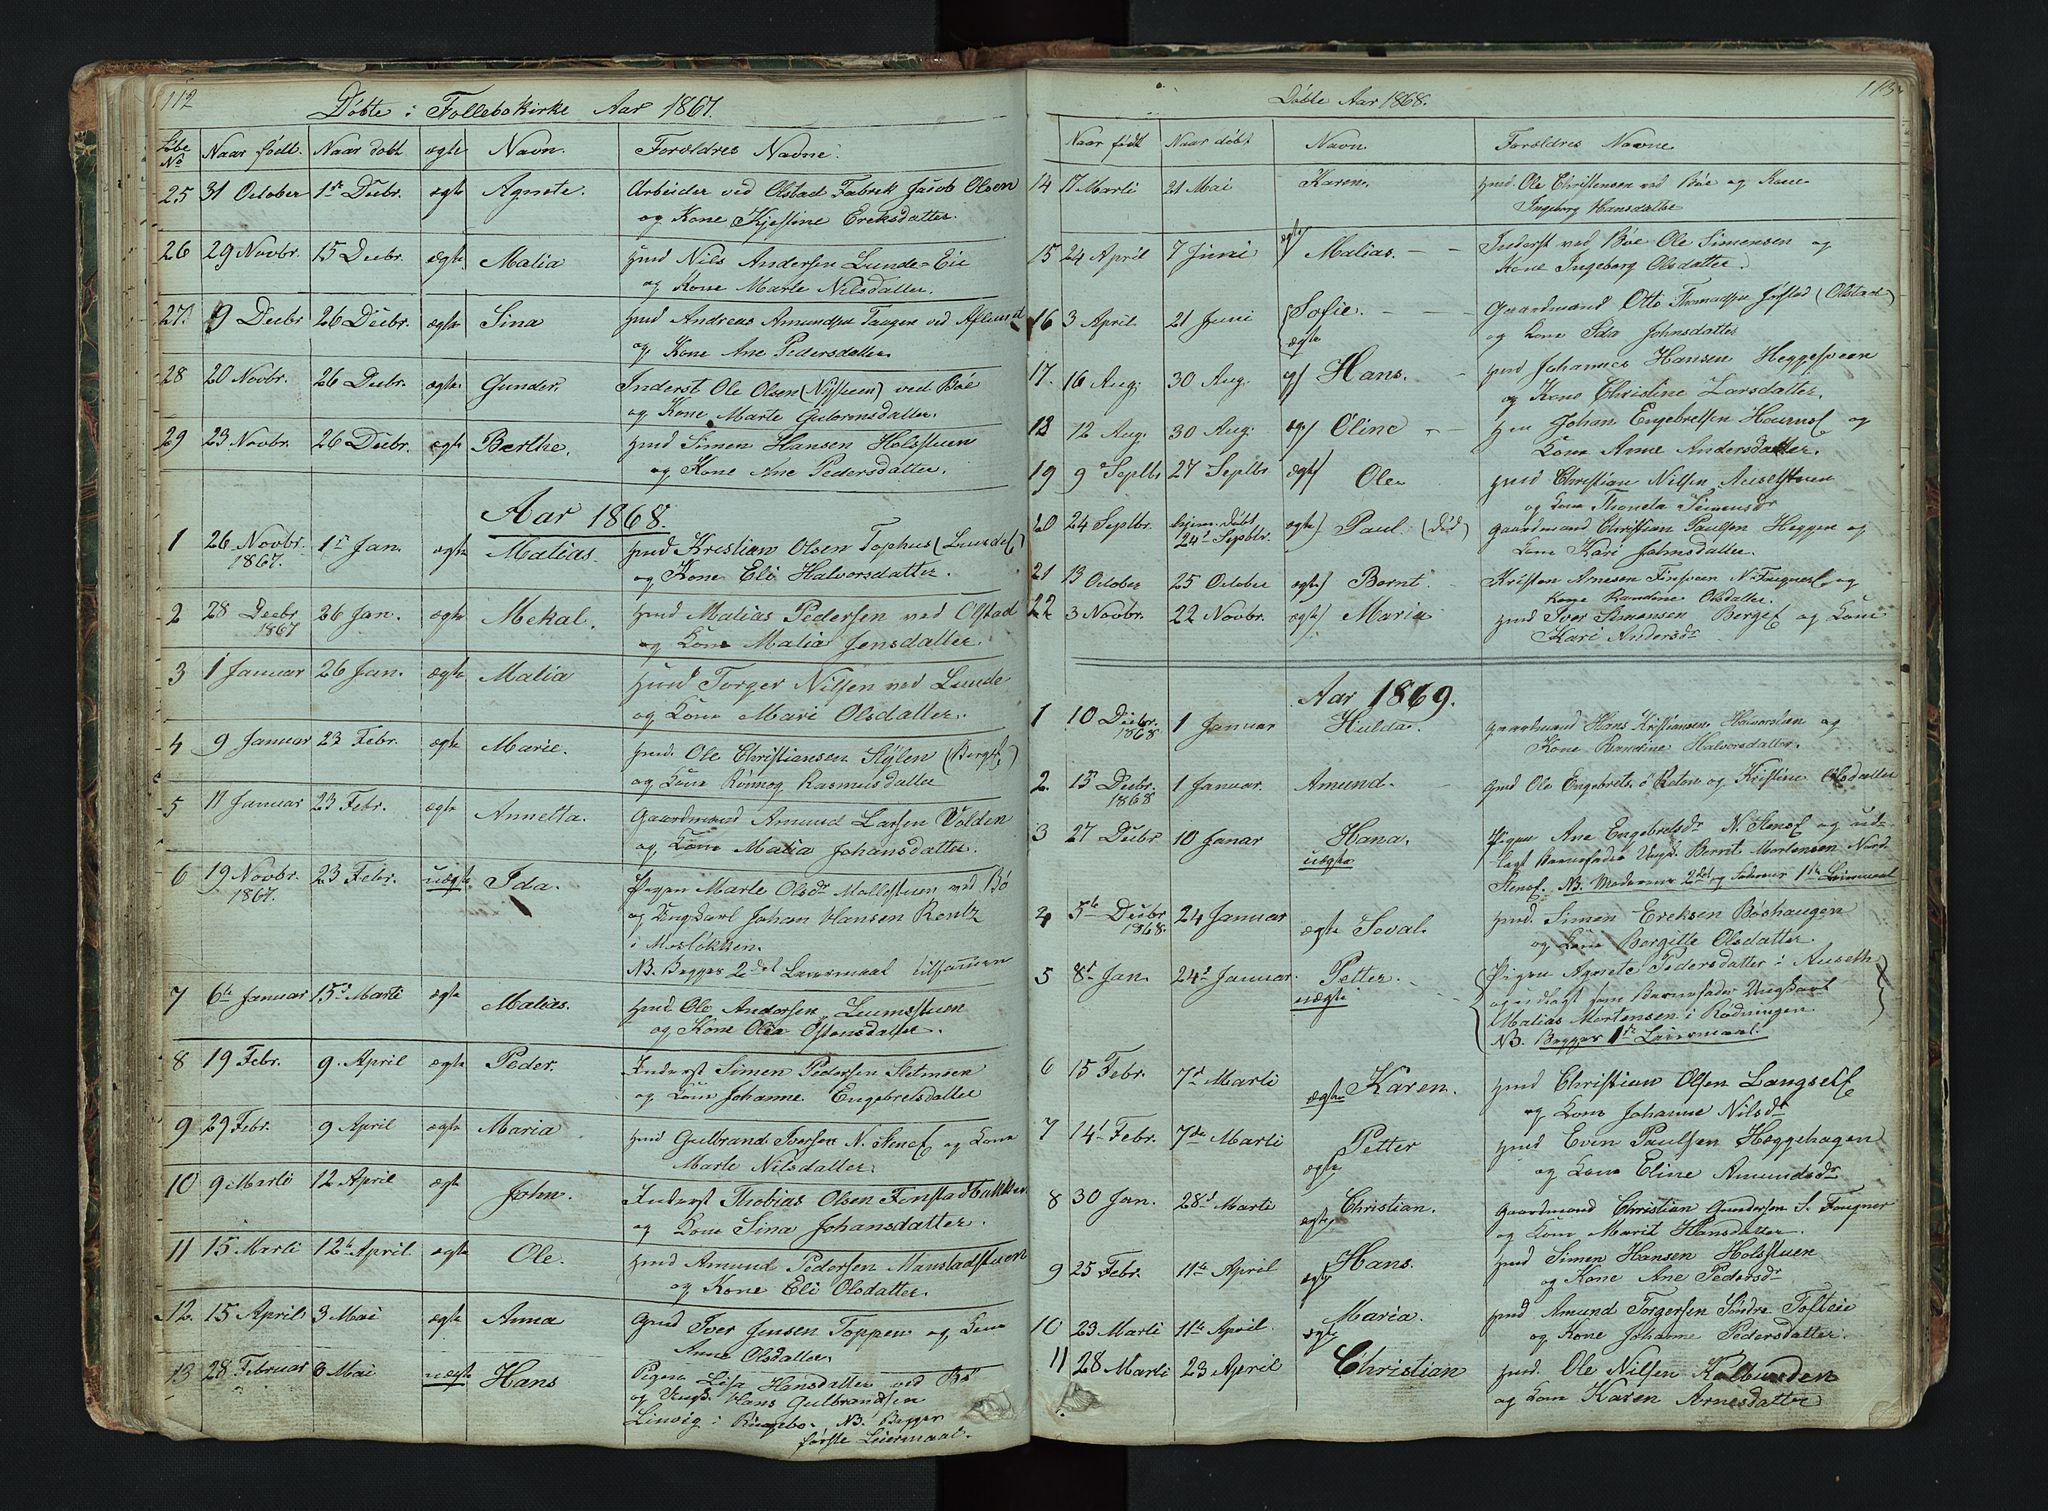 SAH, Gausdal prestekontor, Klokkerbok nr. 6, 1846-1893, s. 112-113